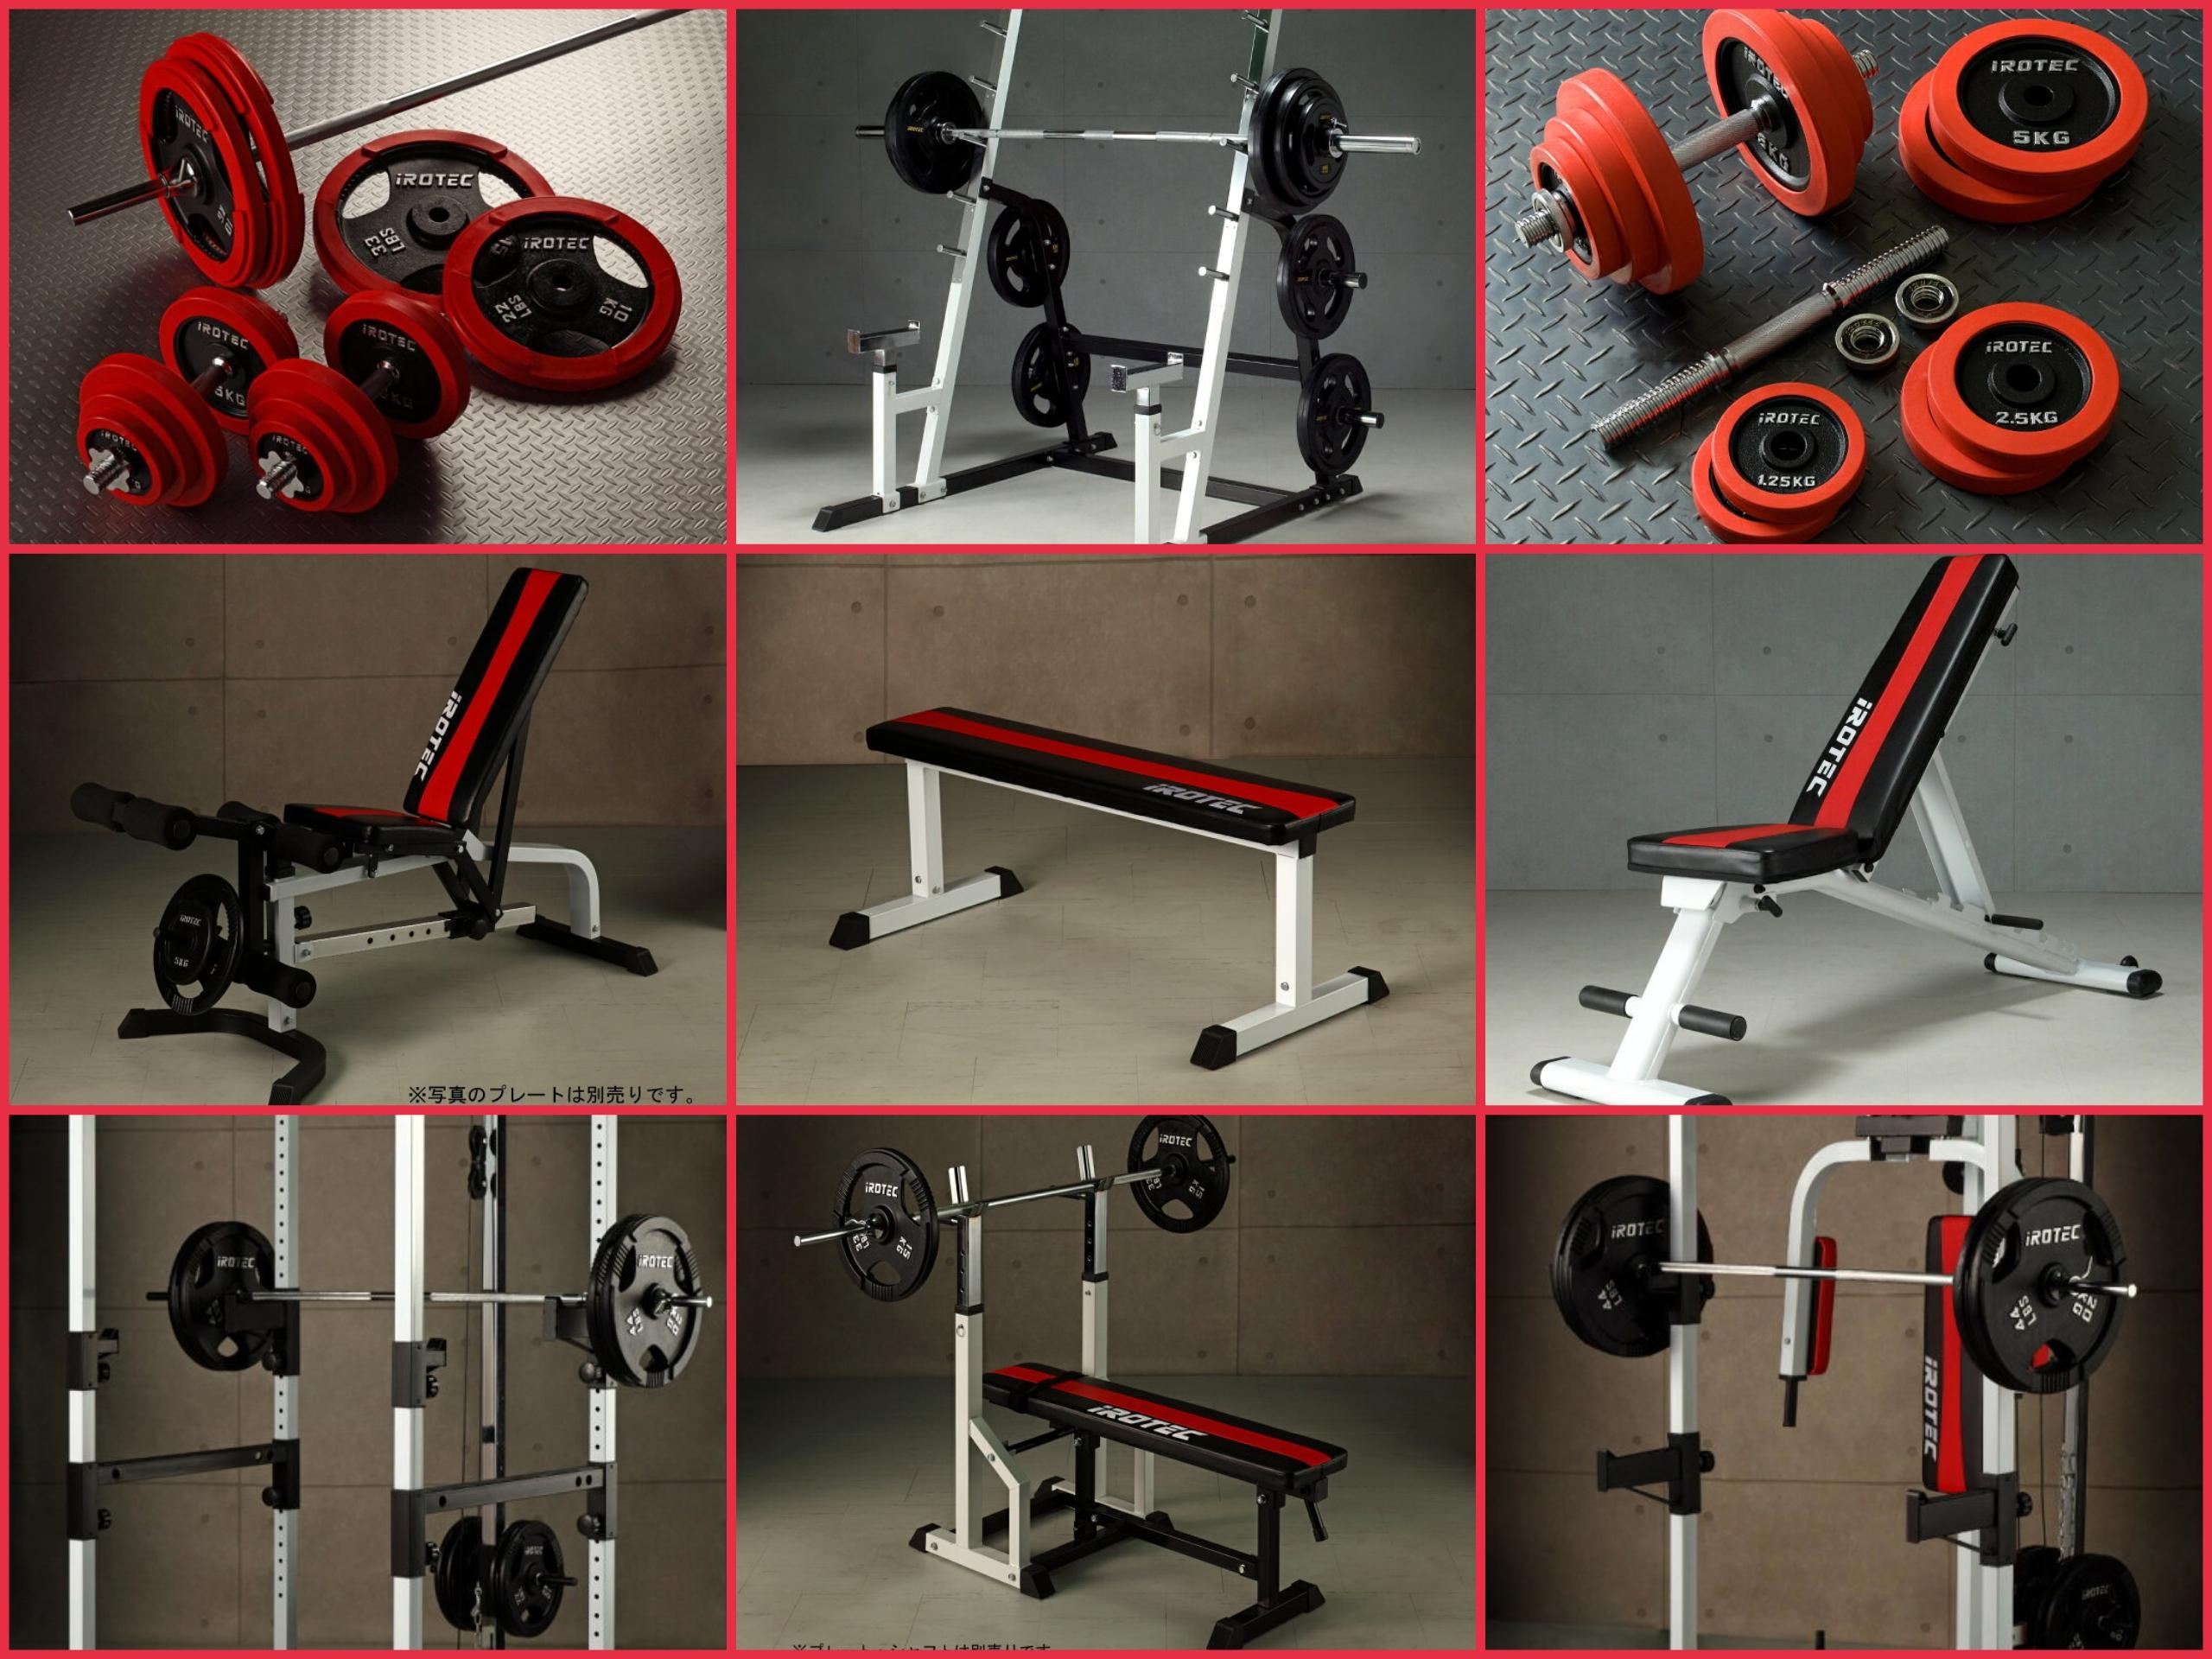 アイロテック(IROTEC)製フリーウエイトトレーニング器具一覧